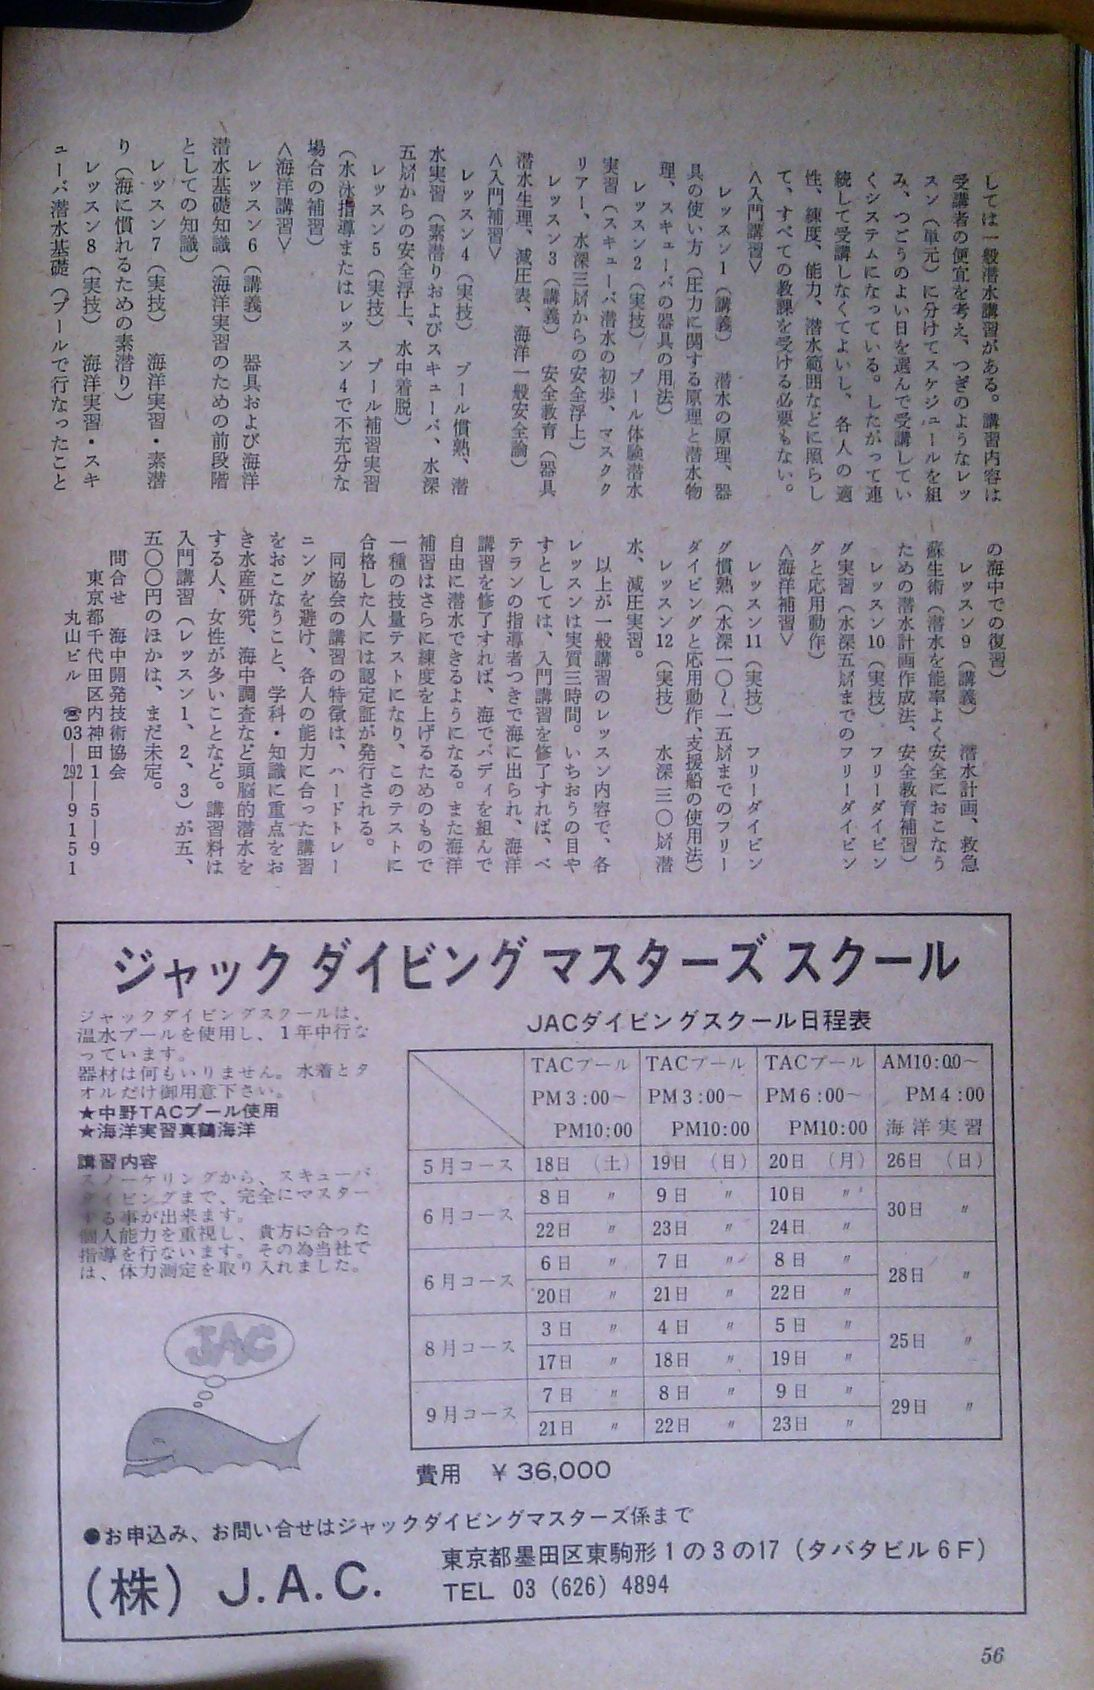 0513 ダイビングの歴史 70 海の世界 1974年 5月_b0075059_13215477.jpg